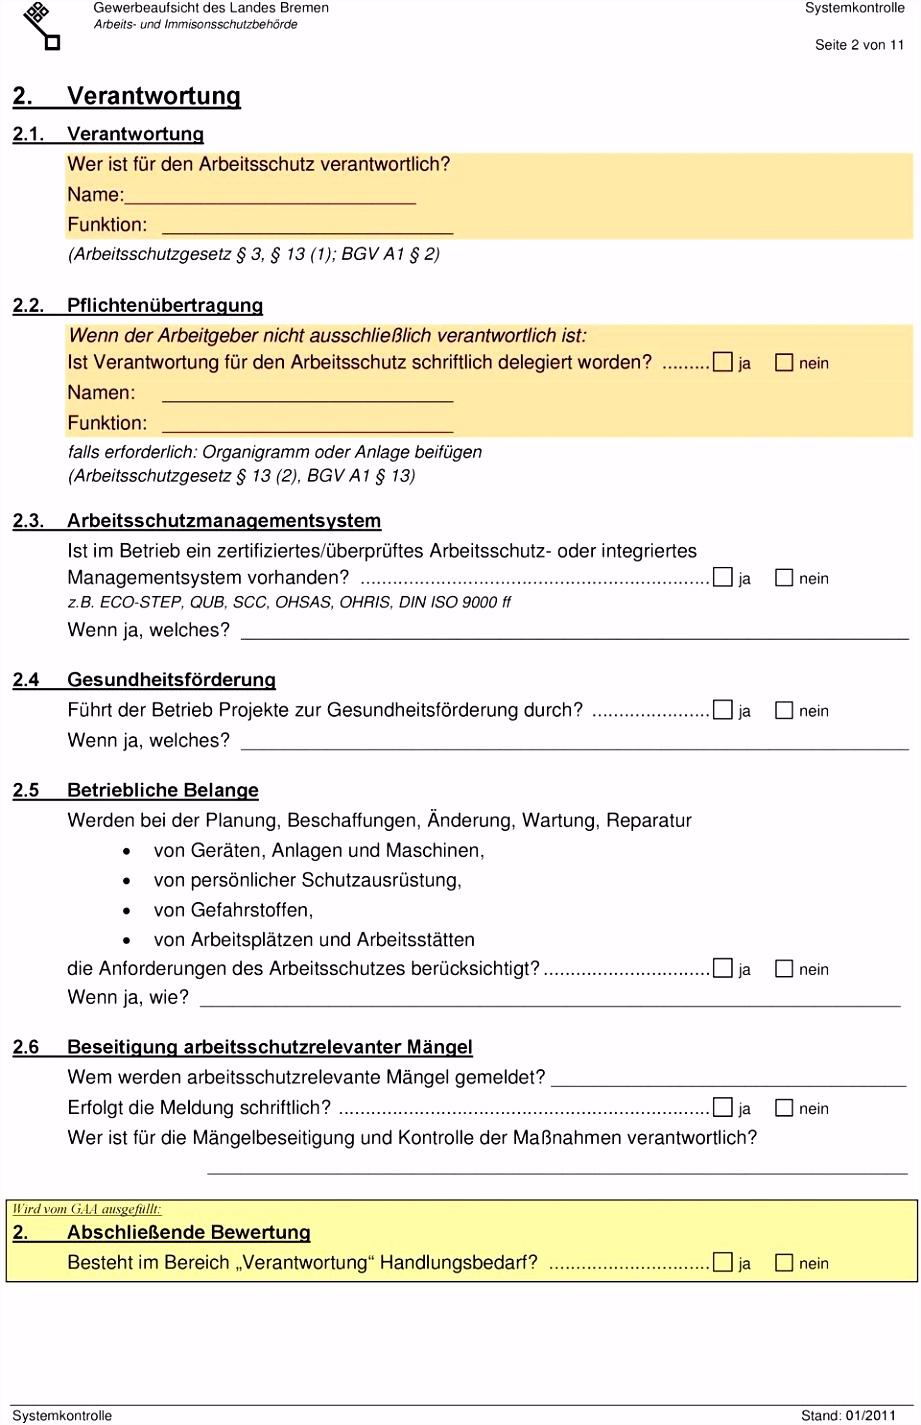 überprüfung der Arbeitsschutzorganisation Systemkontrolle 1